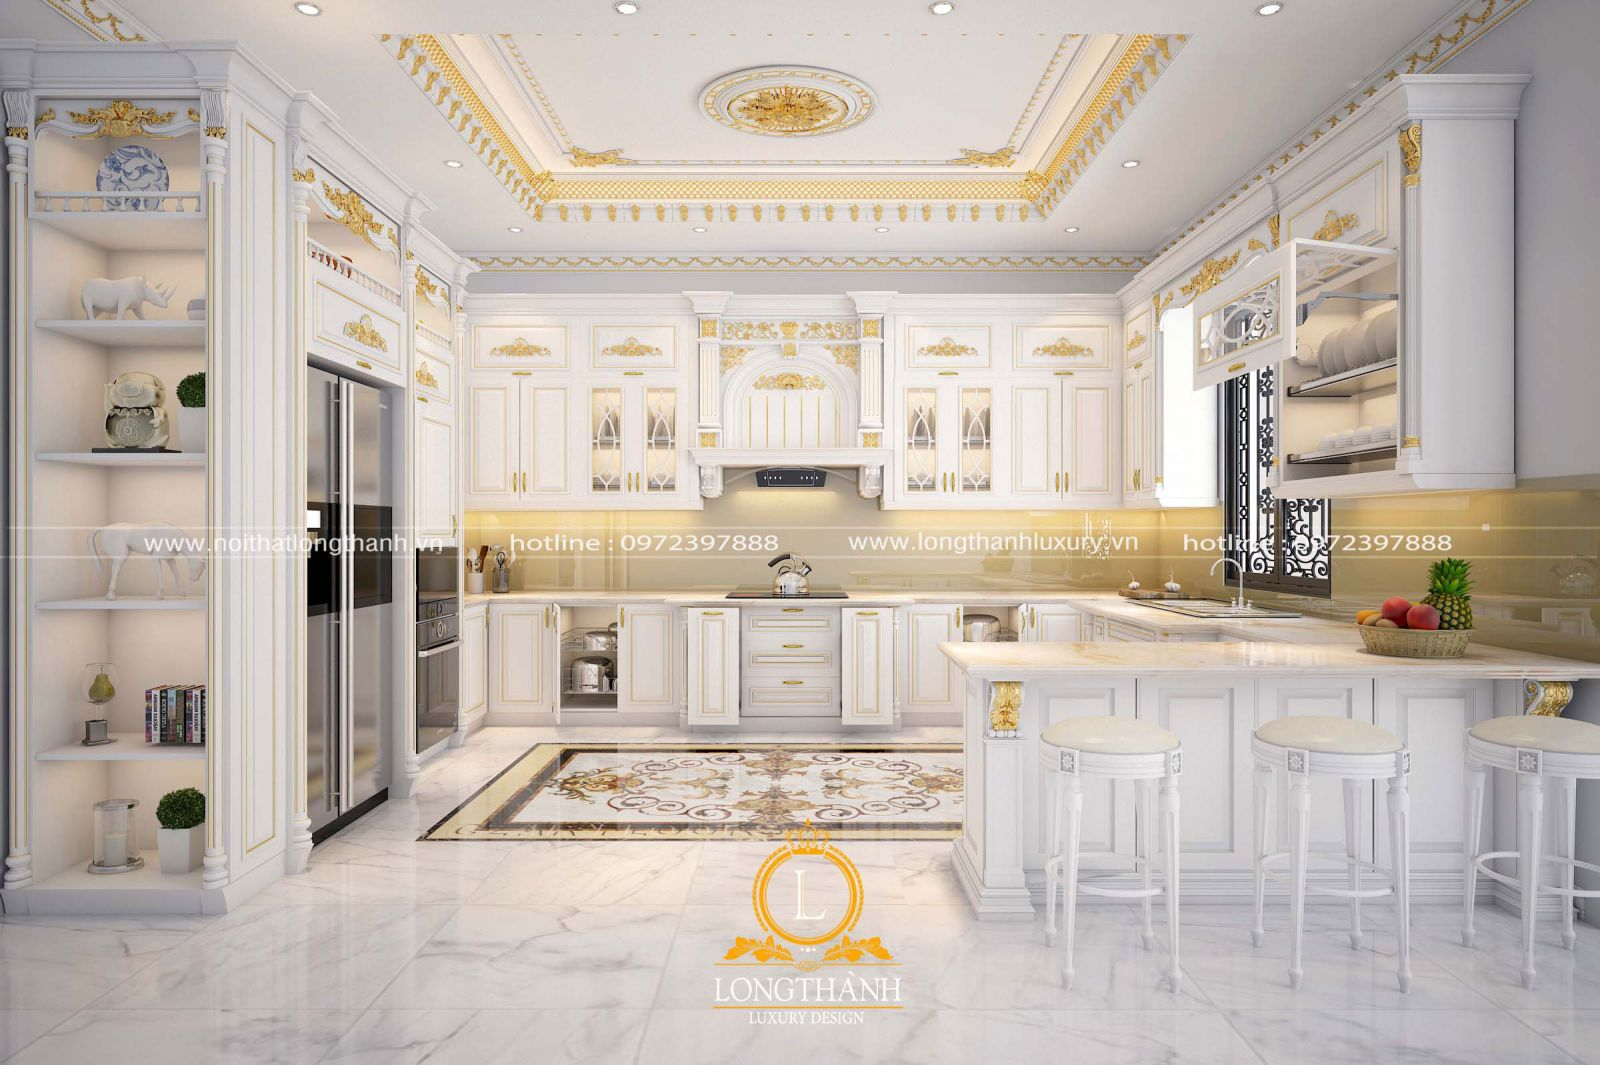 Bộ tủ bếp gỗ cảm lai sơn trắng sát vàng thiết kế theo phong cách tân cổ điển